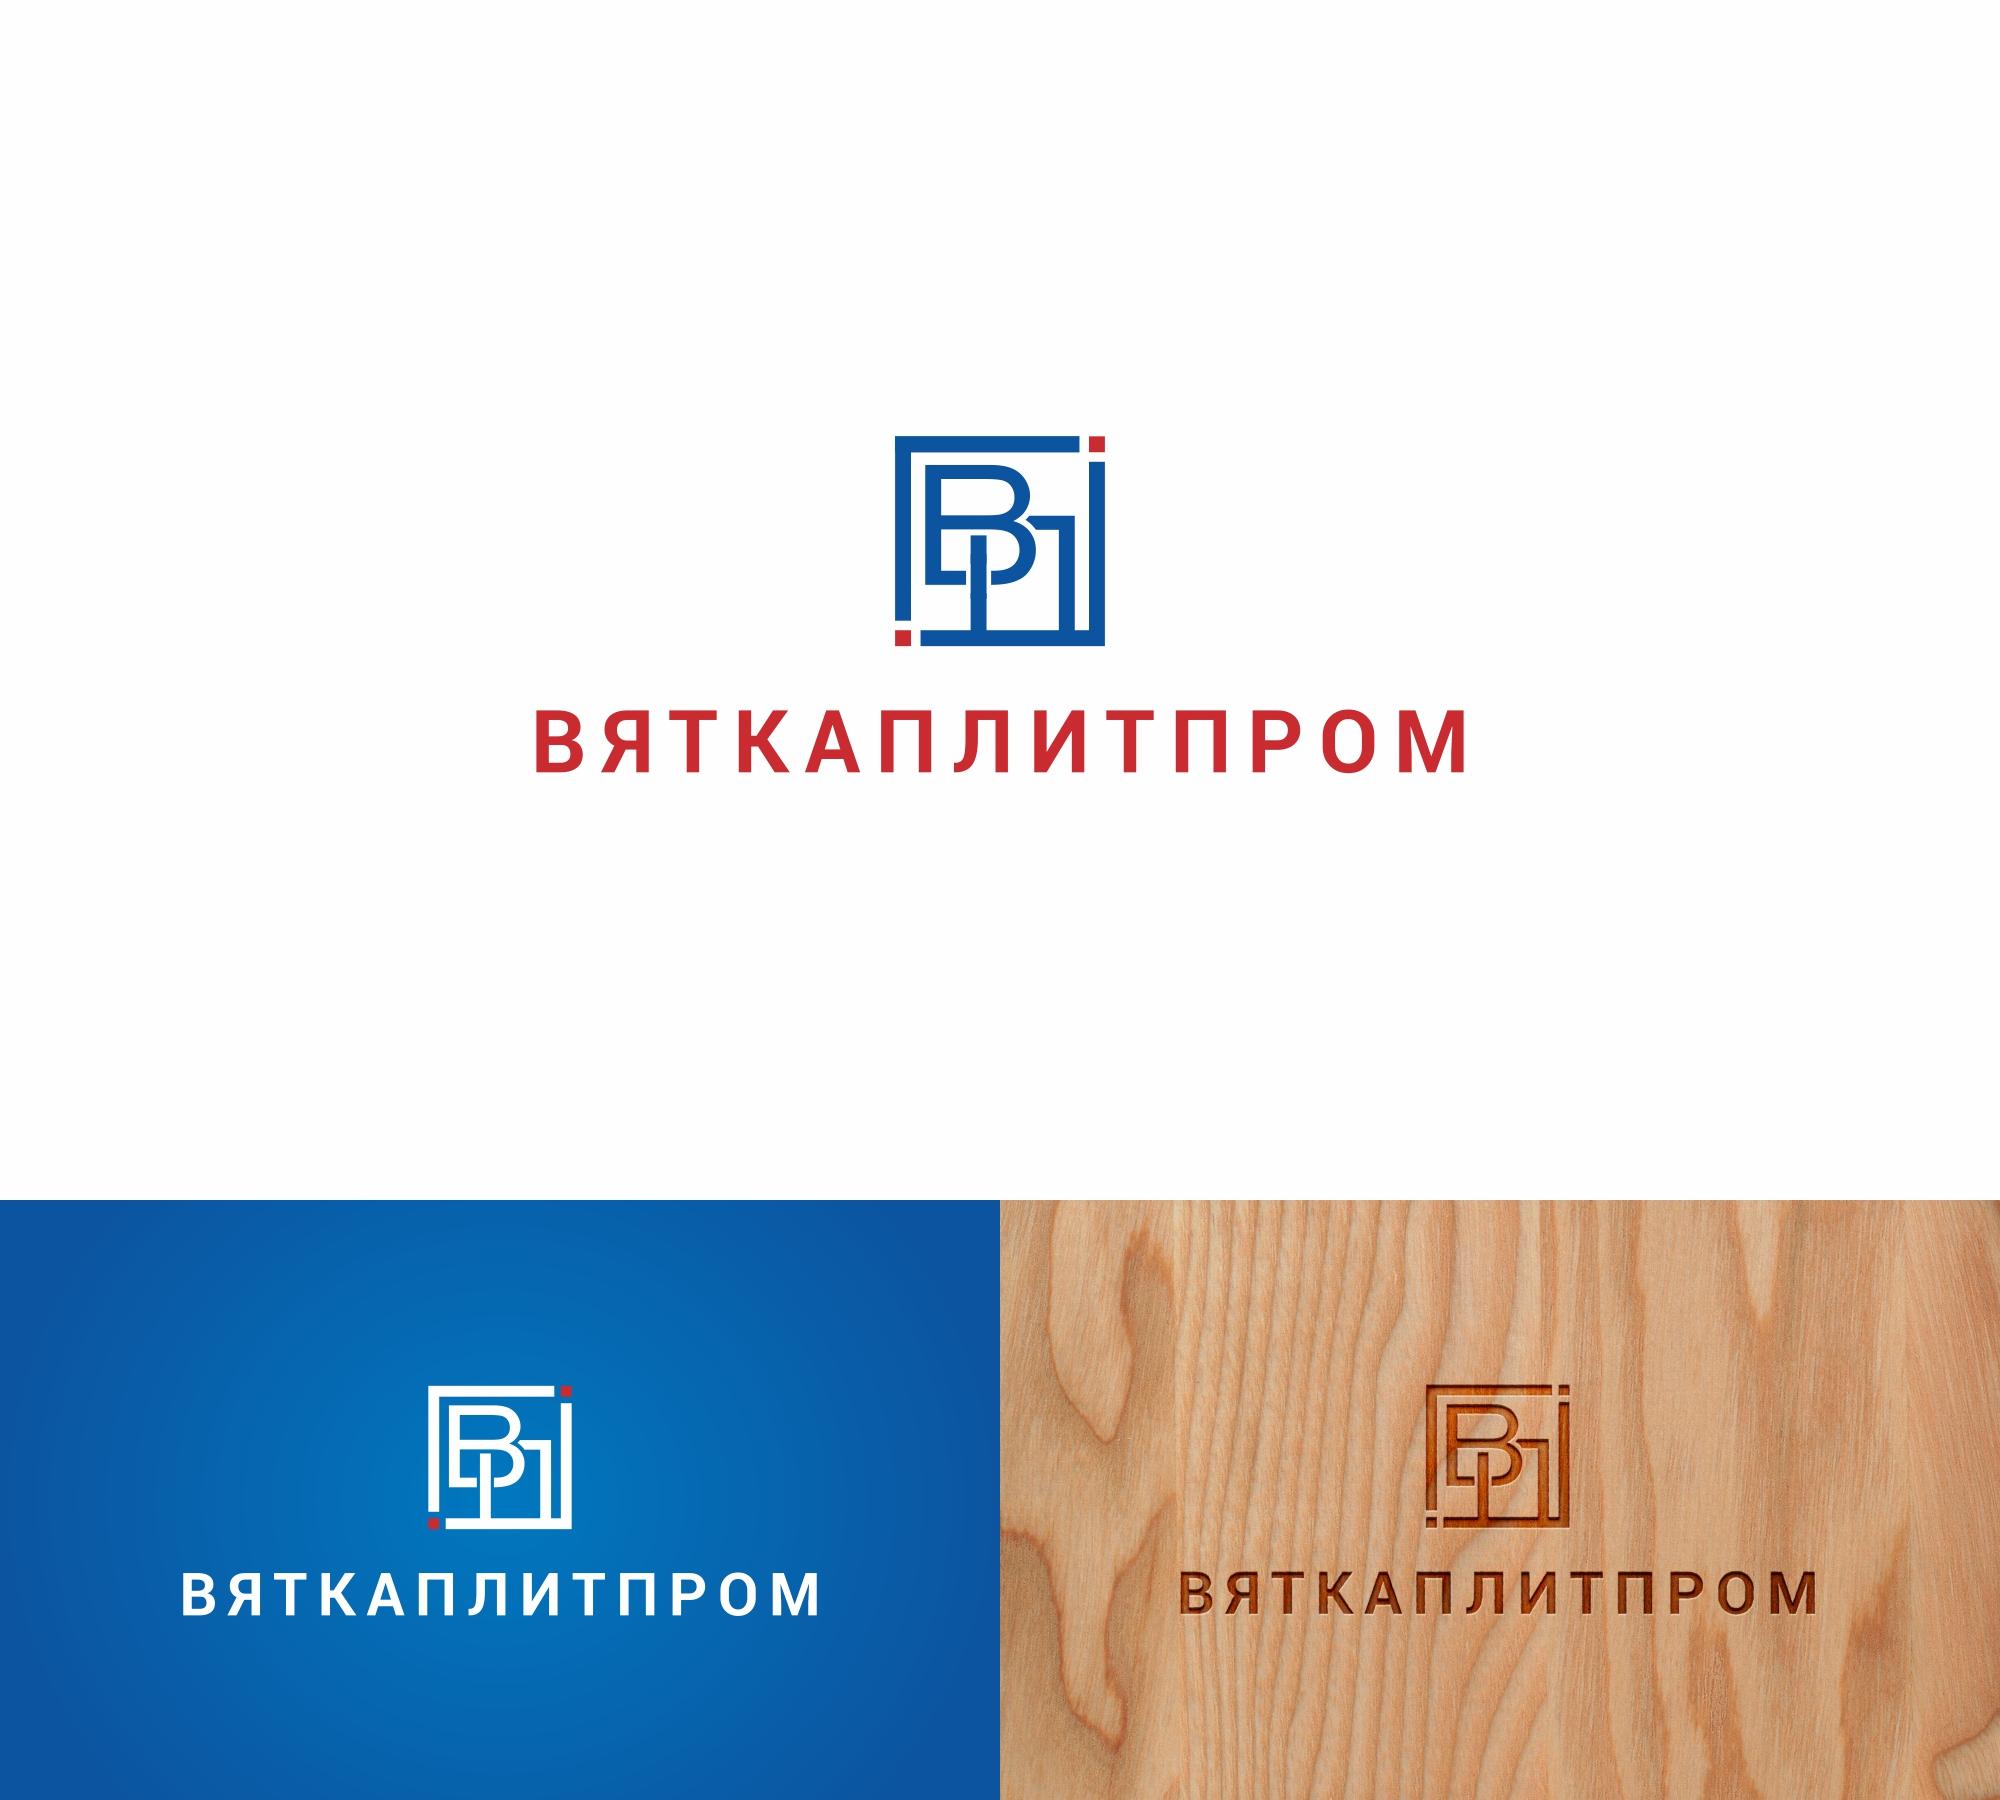 Логотип для Вяткаплитпром